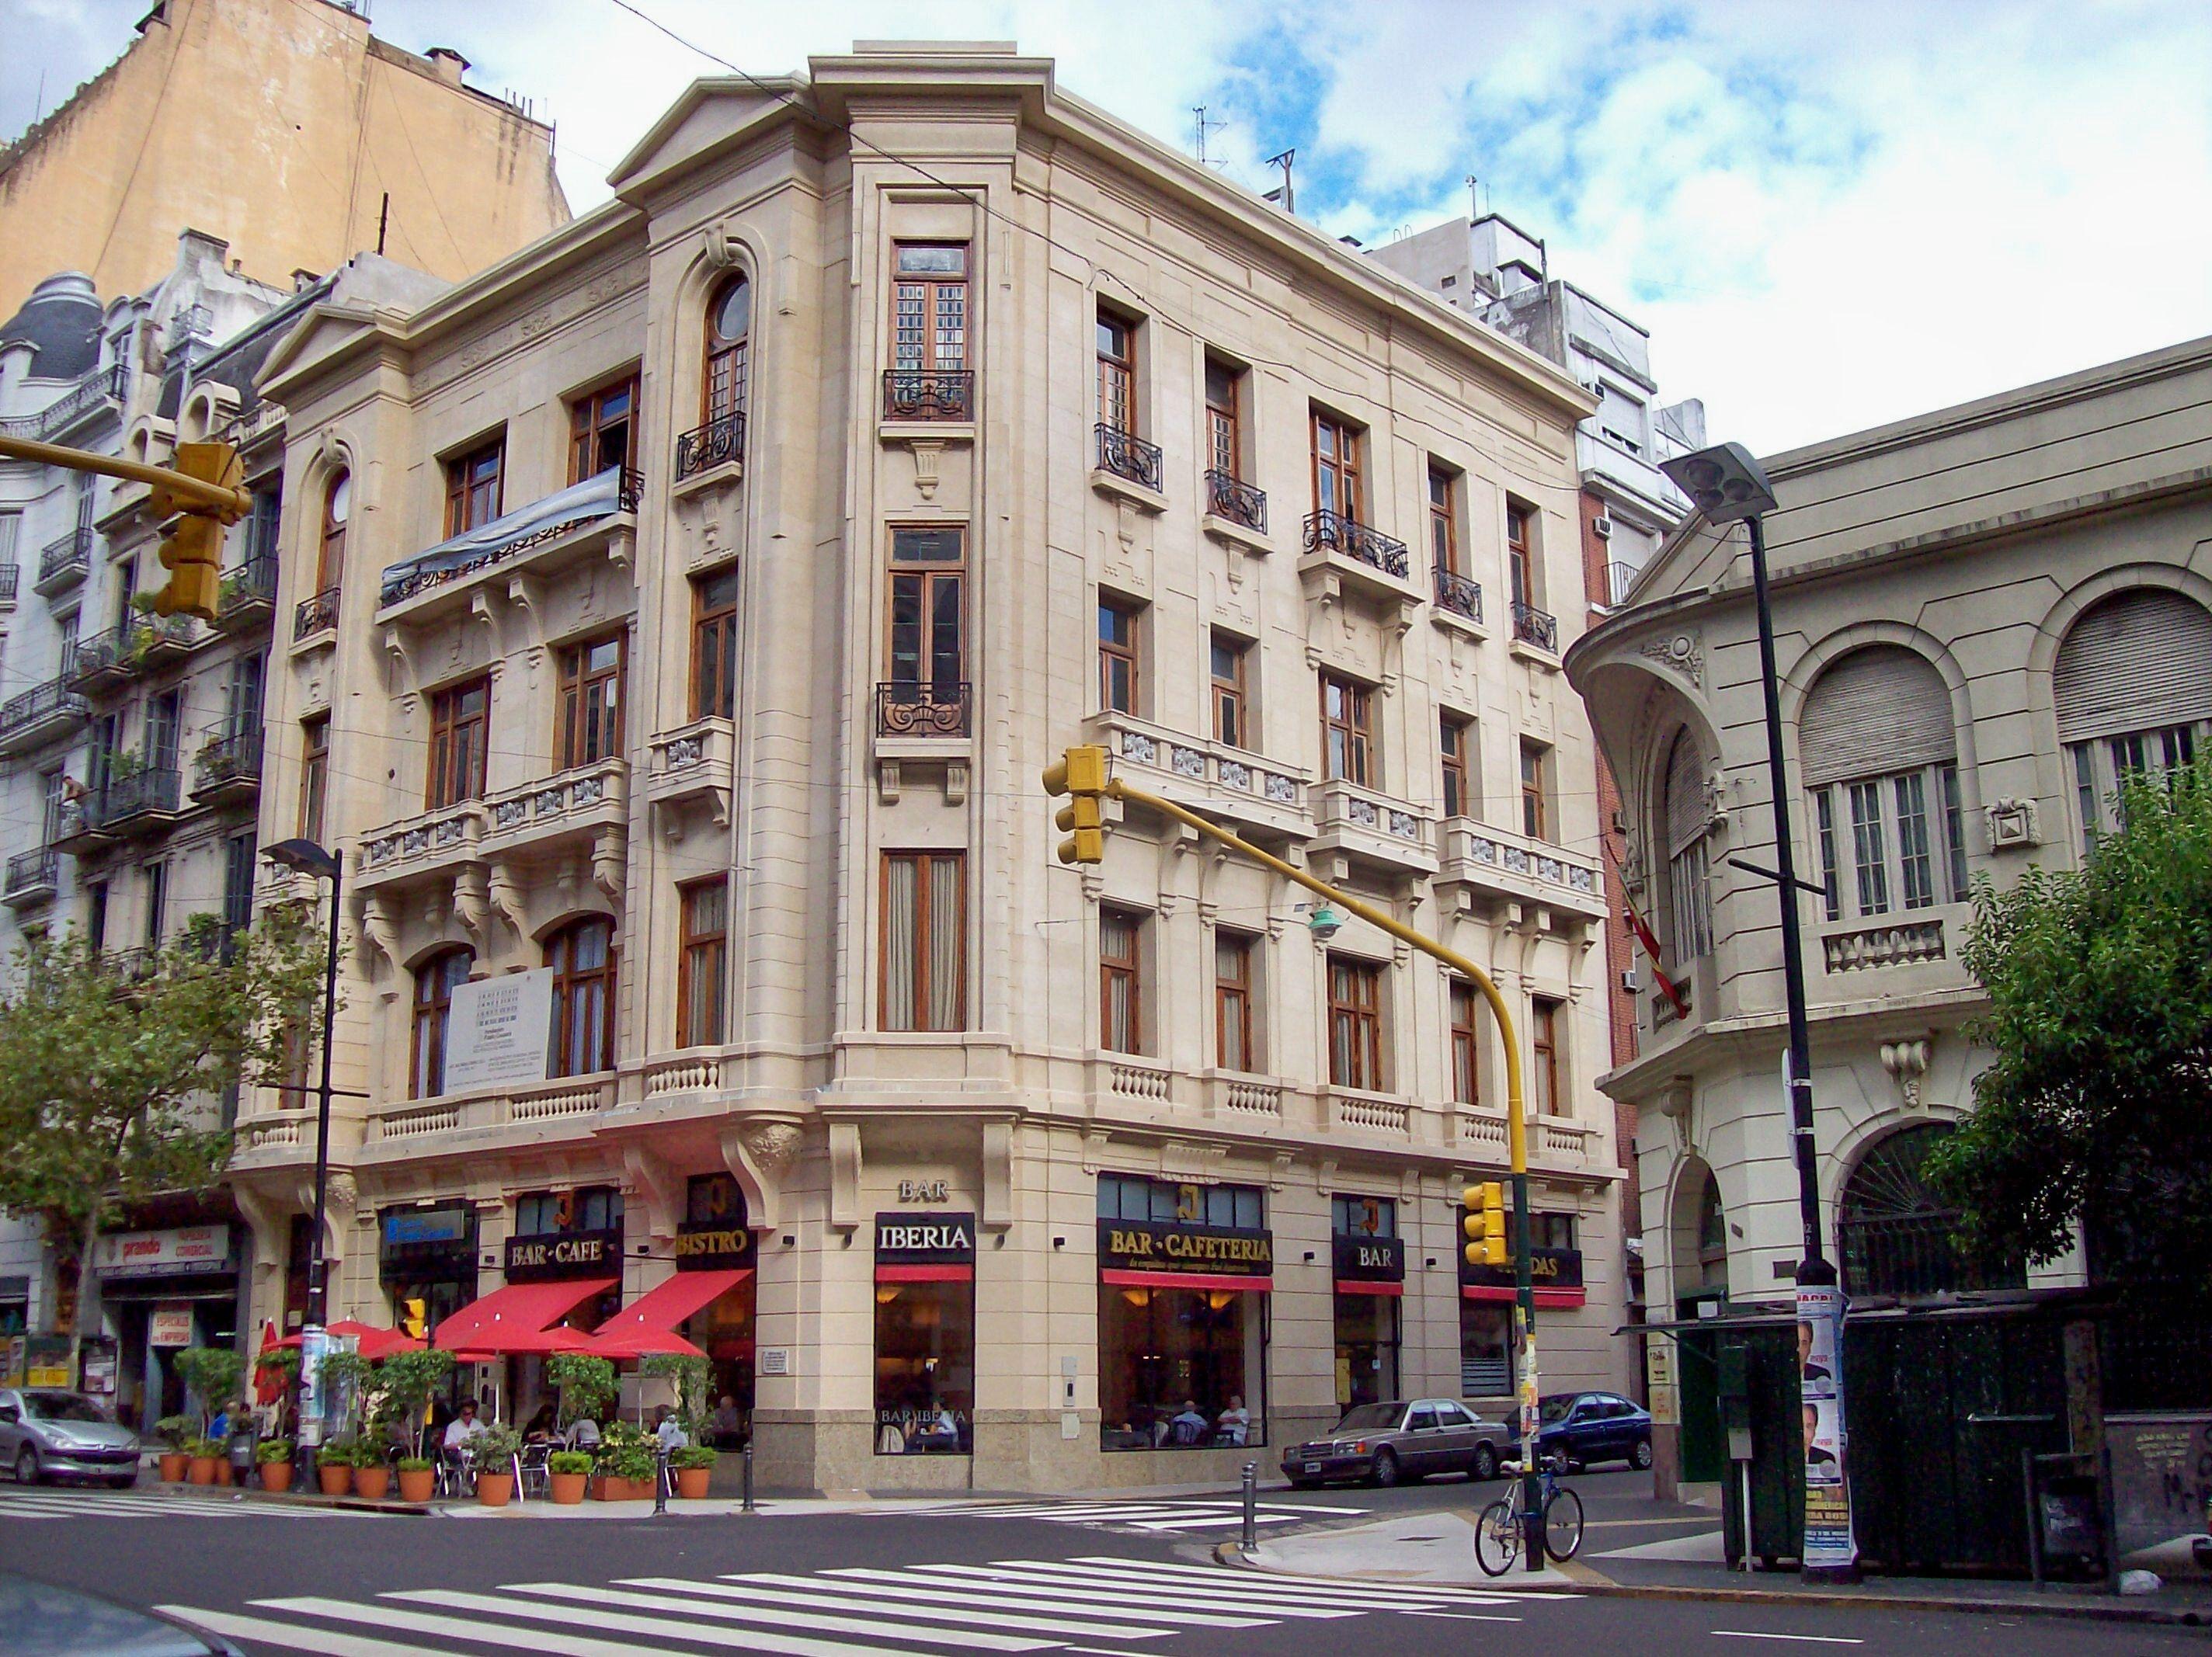 Avenida_de_mayo_café_Iberia.jpg (2848×2134)